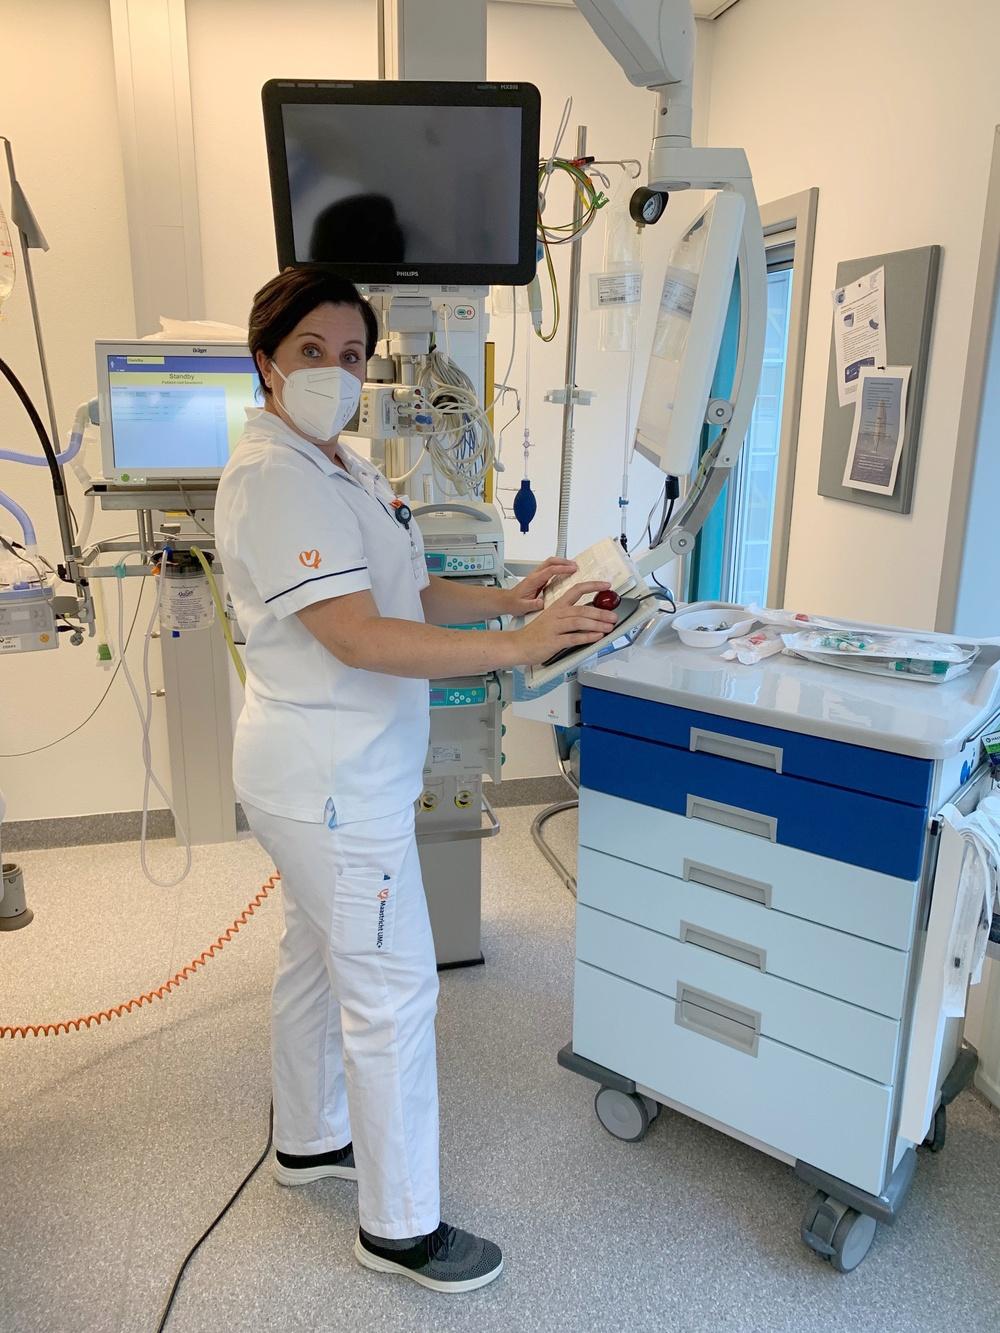 Banks-Gonzales volunteers as nurse in Maastricht during COVID-19